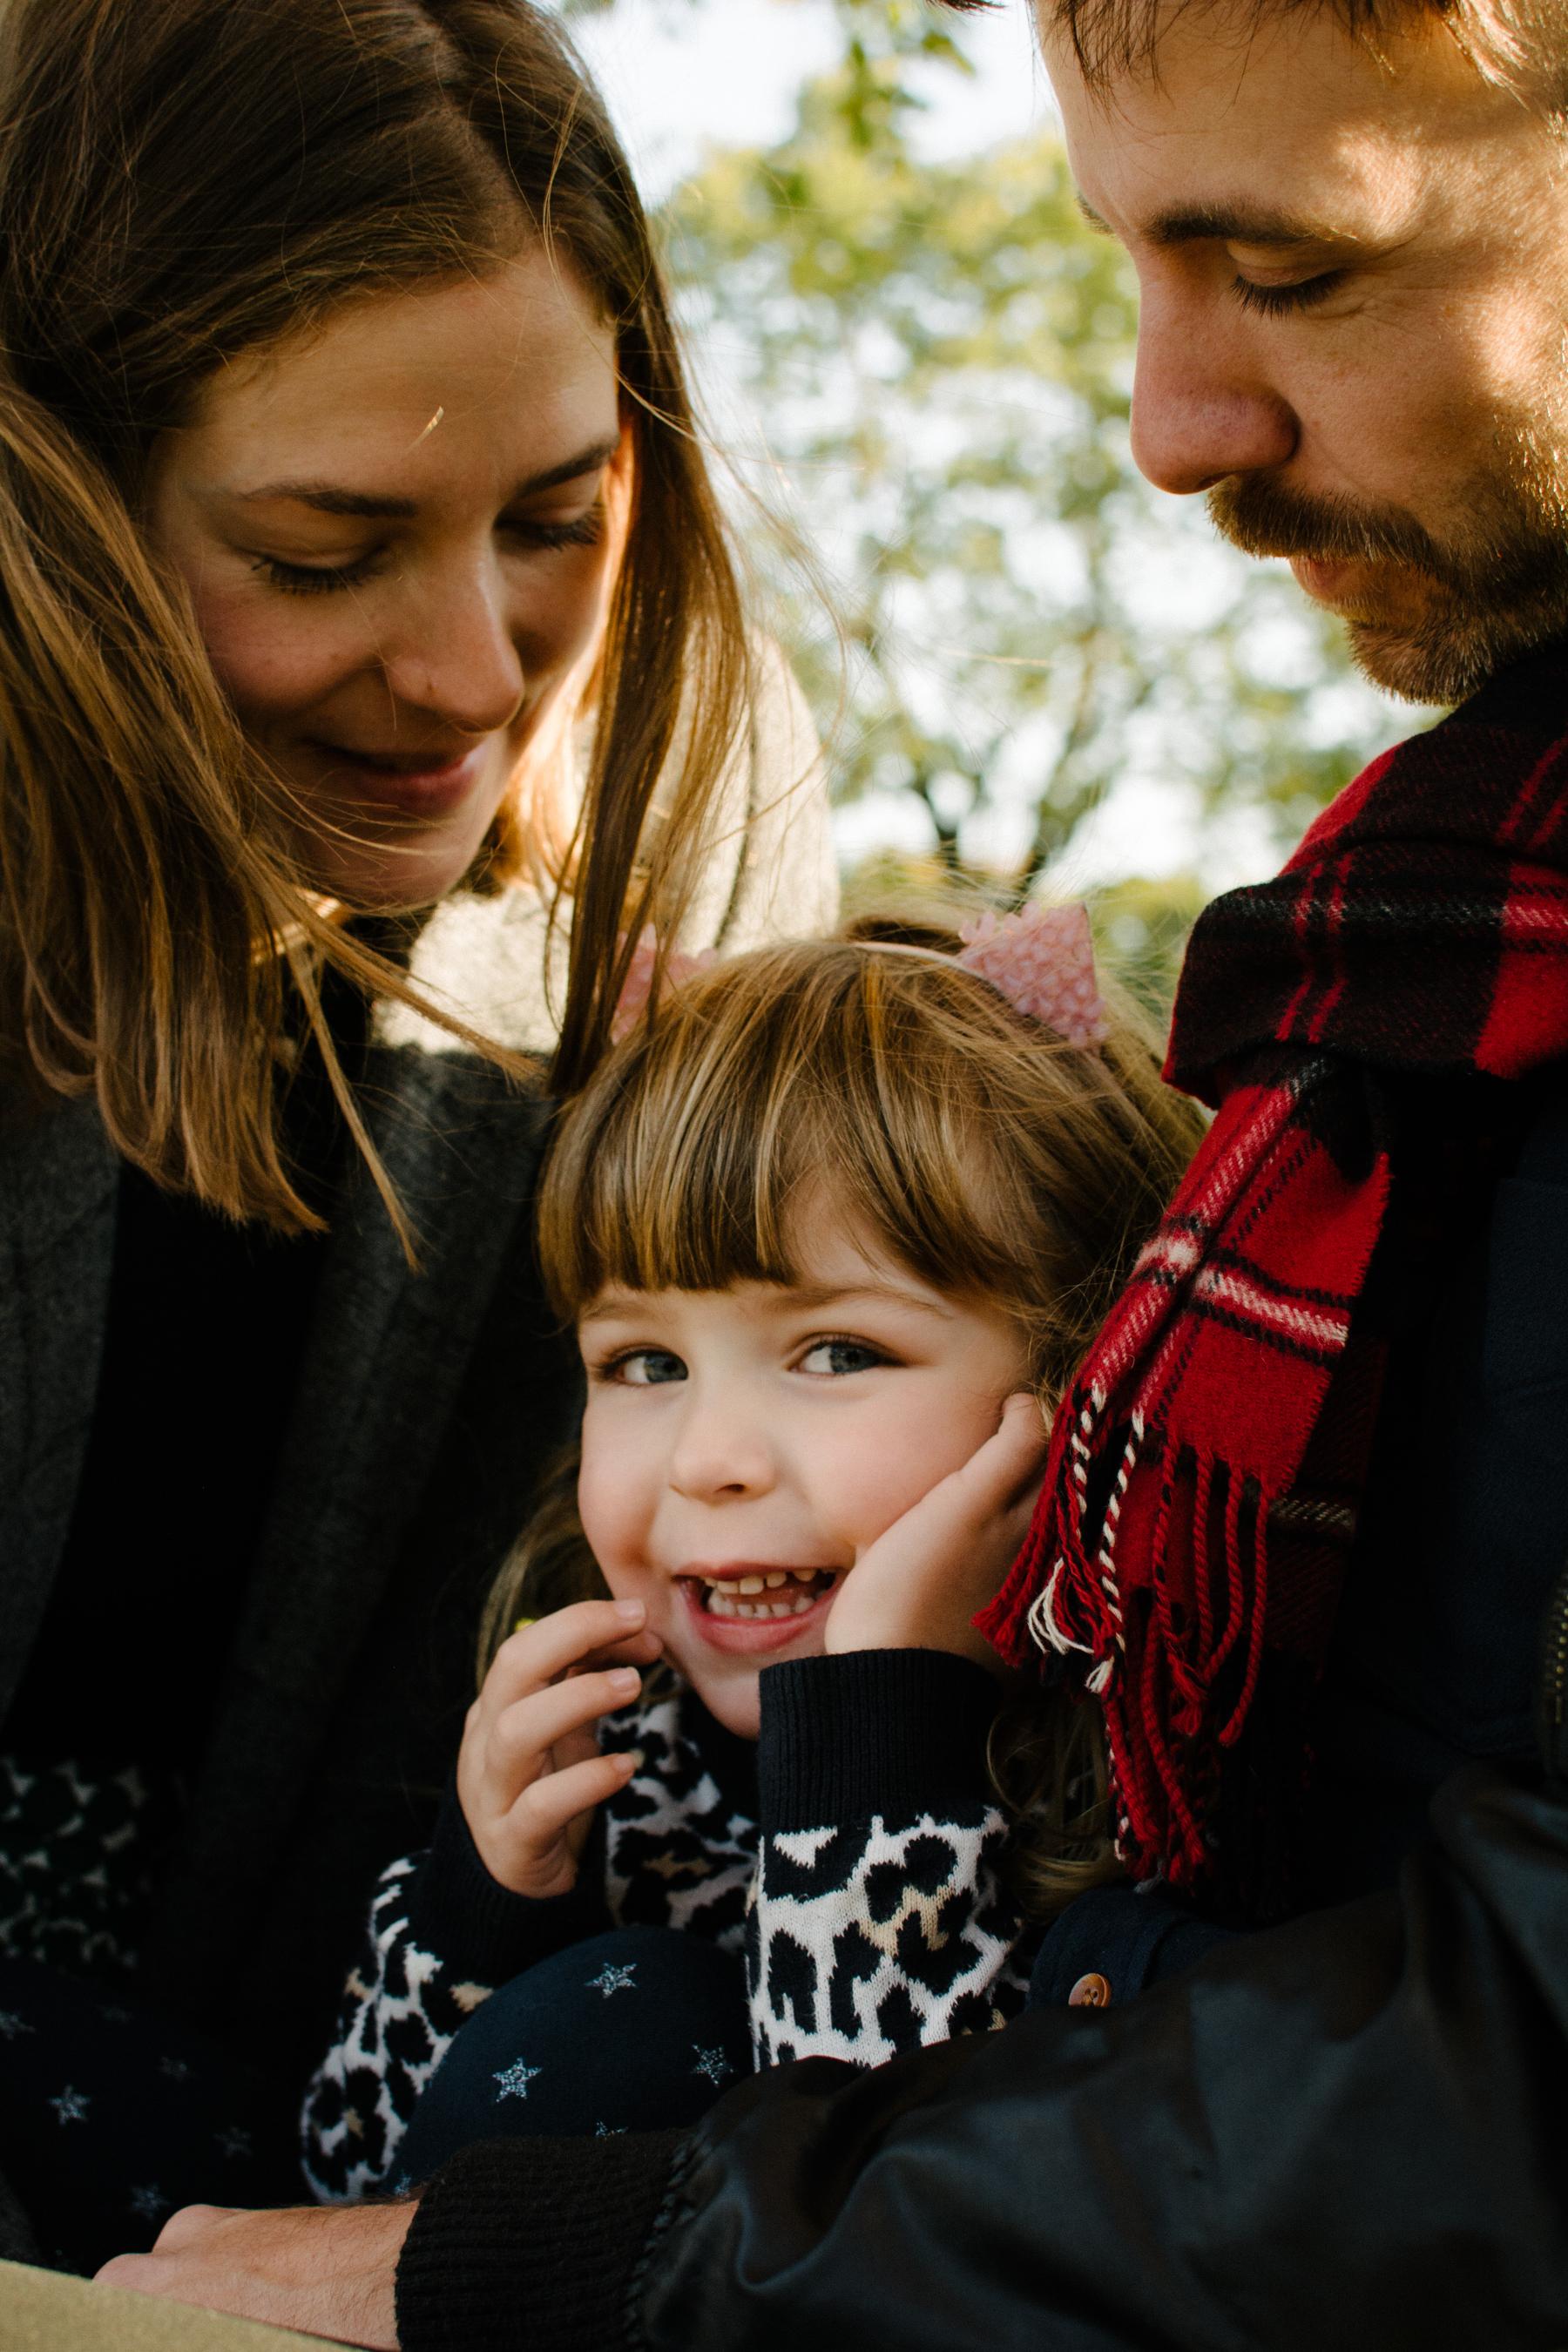 photo-d-une-fillette-espiegle-et-ses-parents-attentionnes-tournes-vers-elle-photographe-lifestyle-famille-et-nouveau-ne-a-montreal-marianne-charland-041.jpg